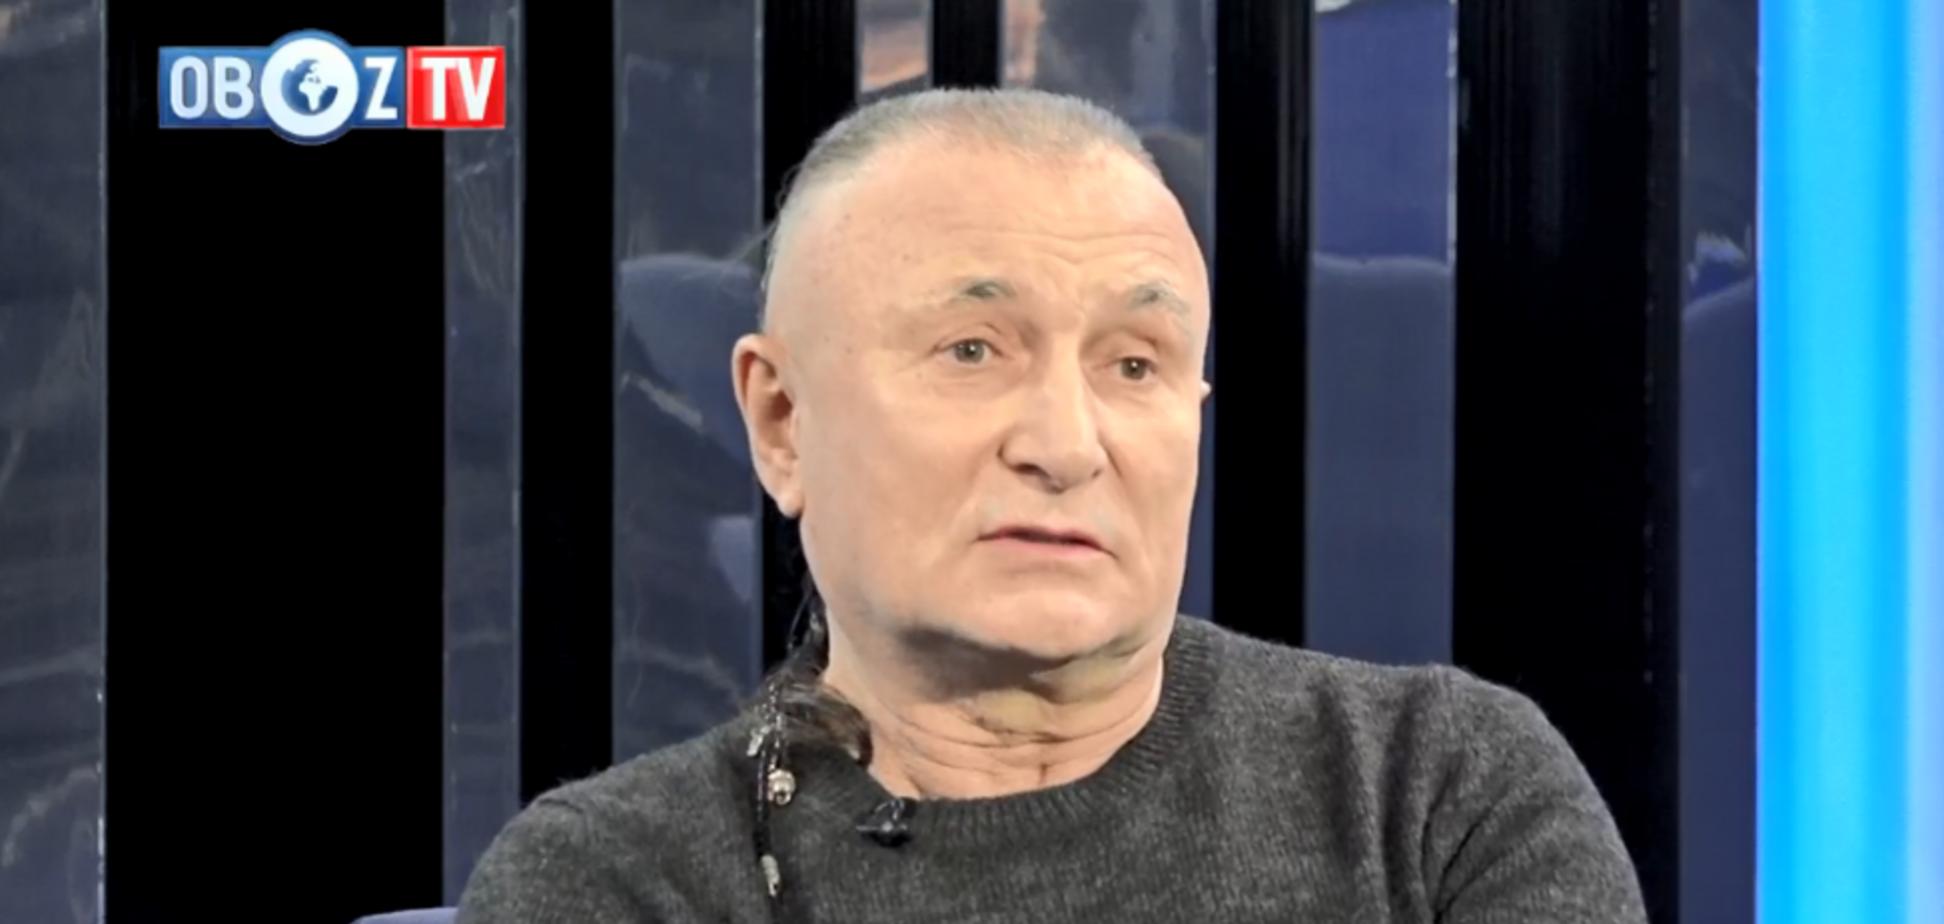 'Питання нацбезпеки': Зеленського закликали до невідкладних дій через коронавірус